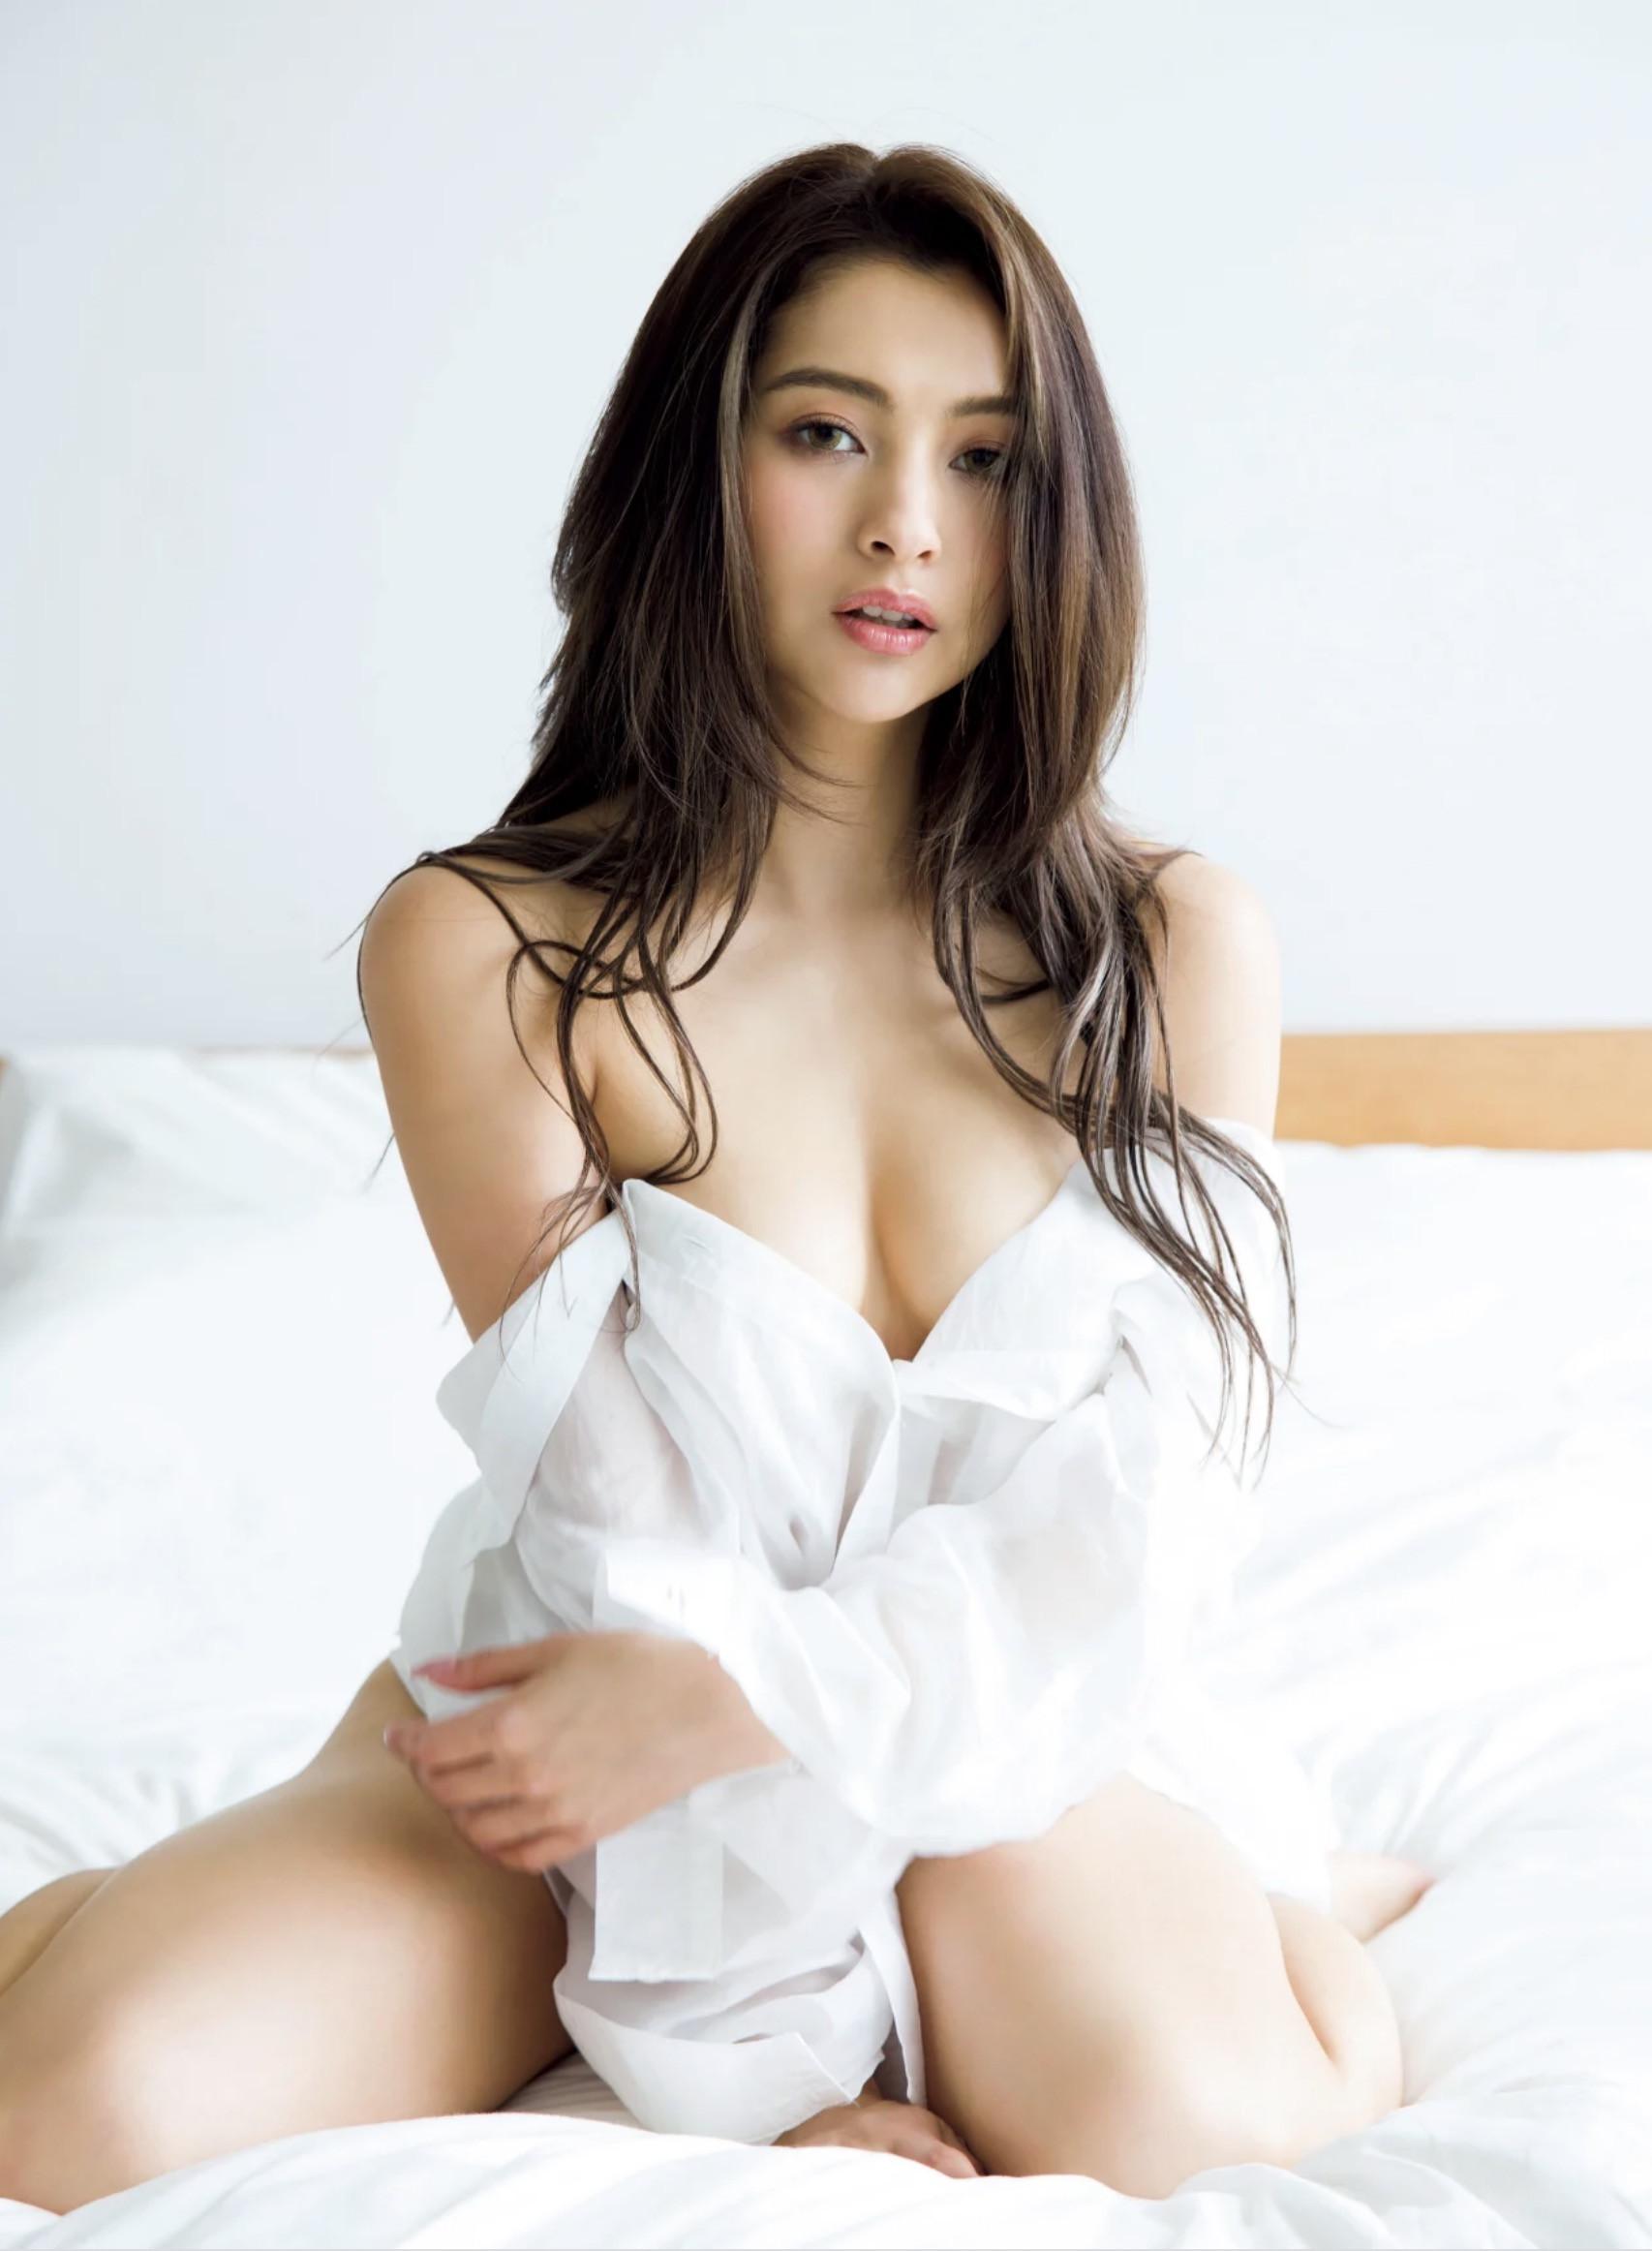 ゆきぽよ「何も隠さない私」Yukipoyo-008